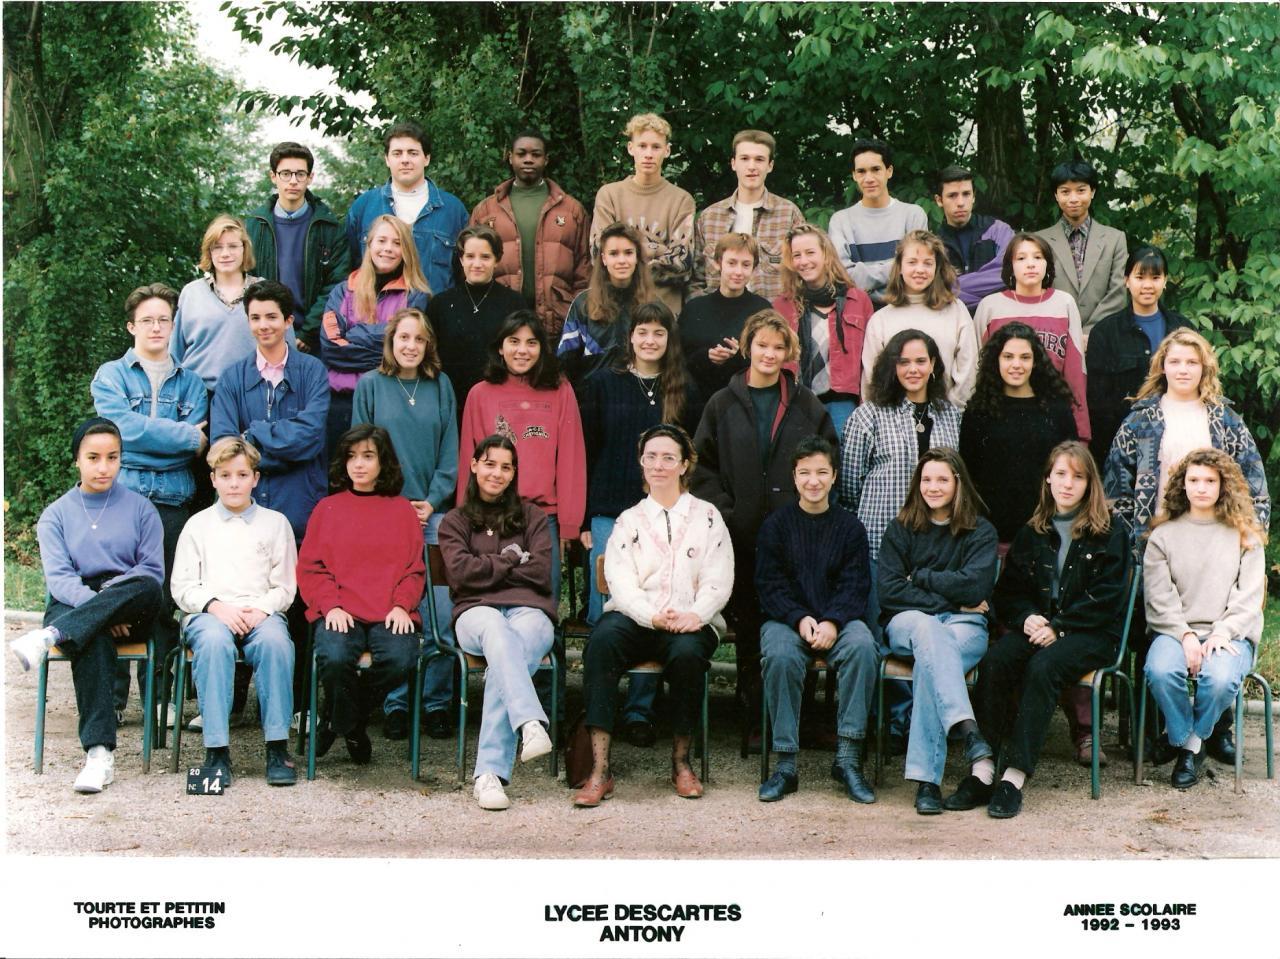 1993 - 2nde 10